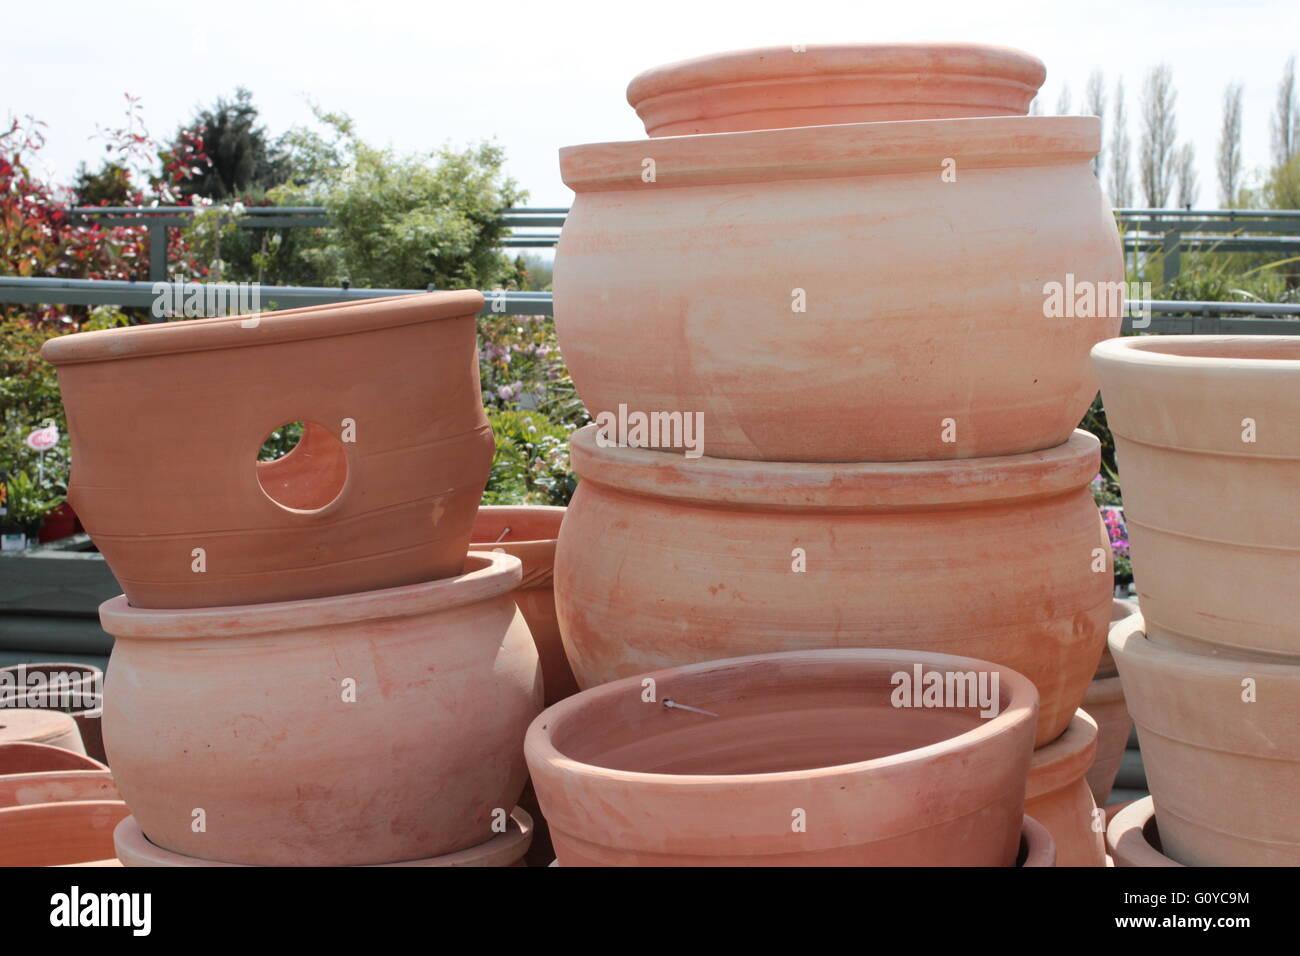 Vasi In Terracotta Per Giardino impilati in terracotta vasi da giardino foto & immagine